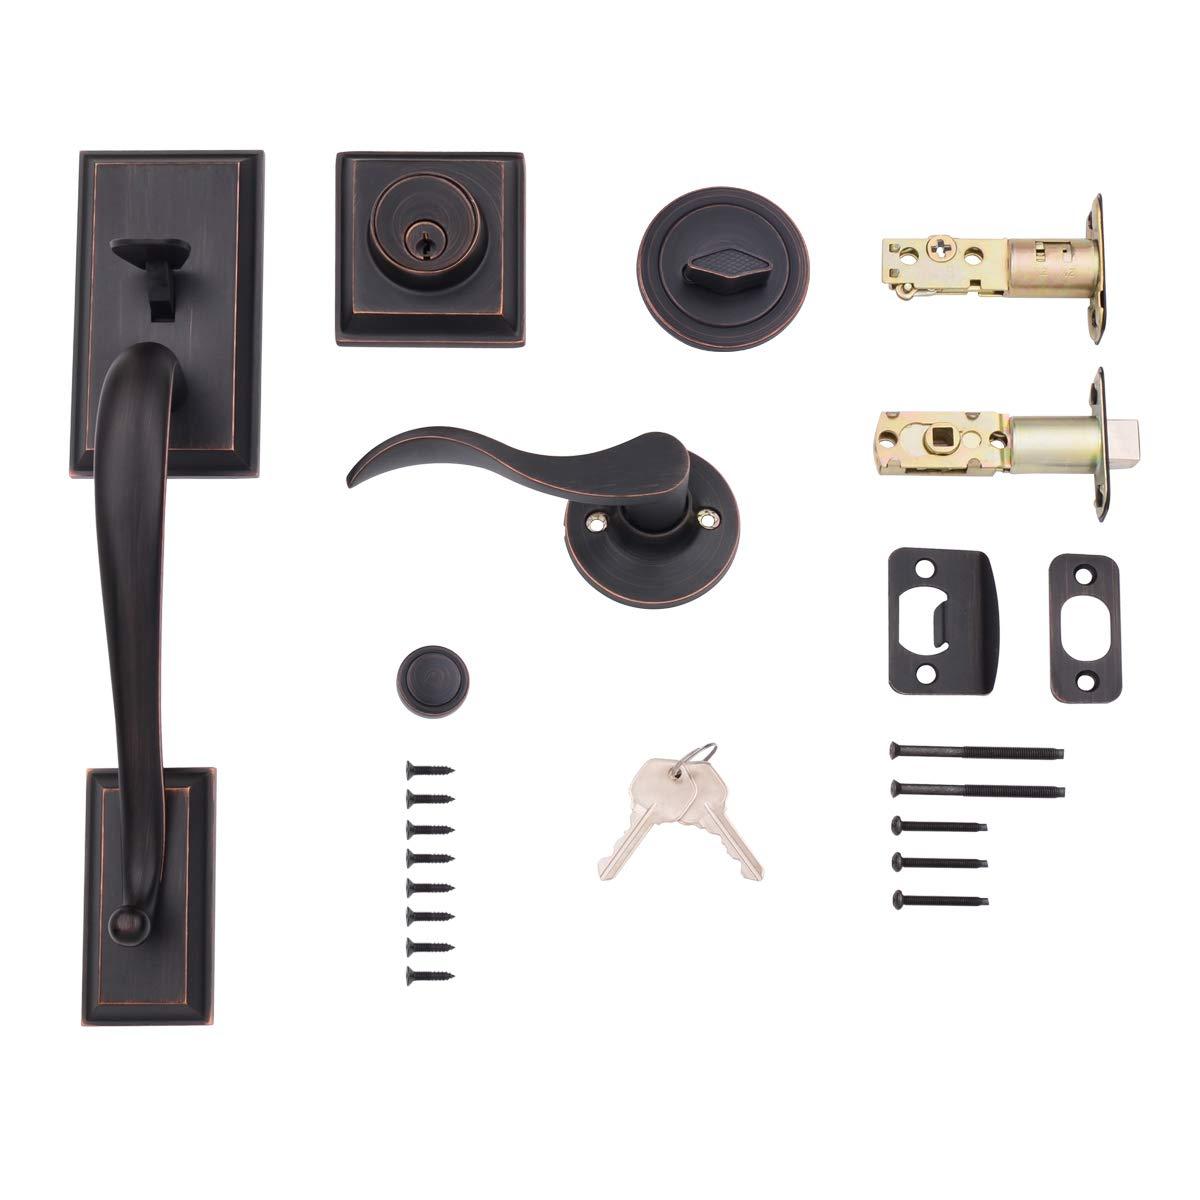 AmazonBasics Modern Door Handle and Deadbolt Lock Set, Right-Hand Wave Door Lever, Oil Rubbed Bronze